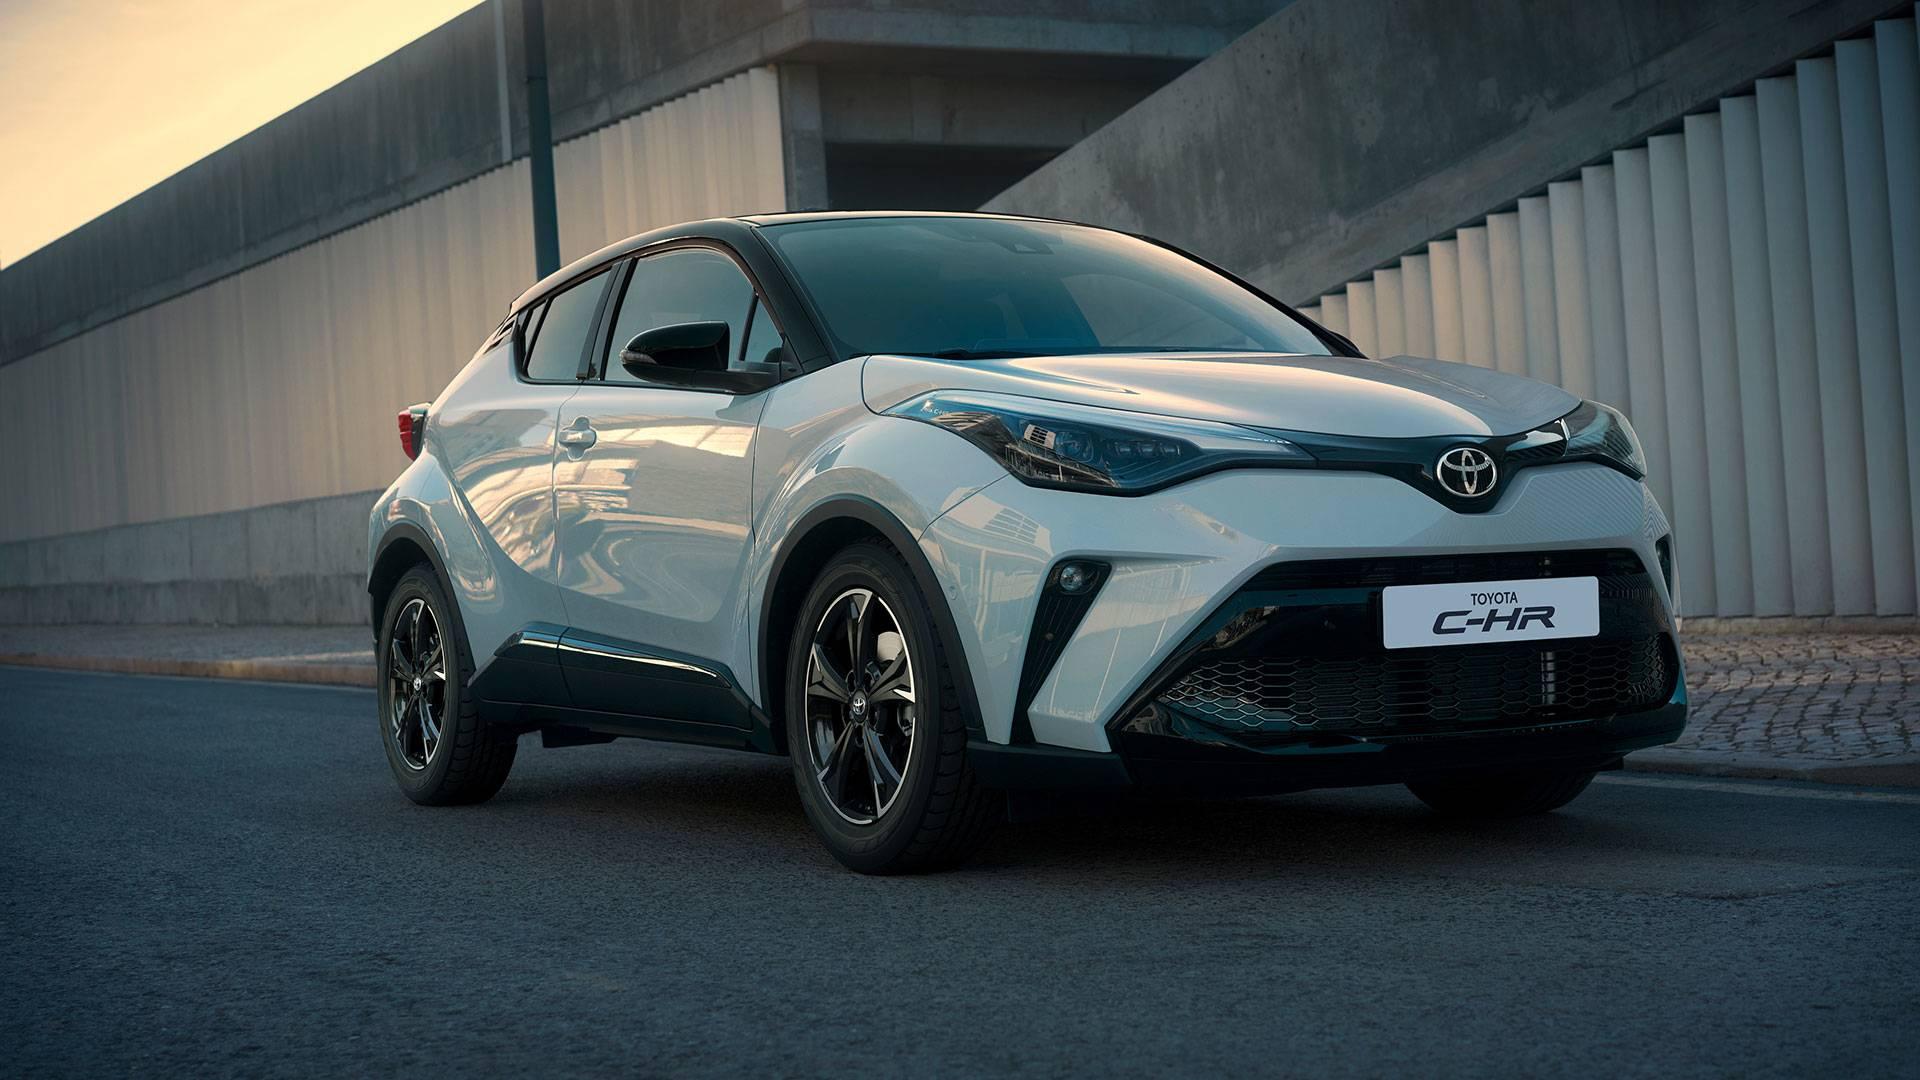 Toyota C-HR 1.2 D-4T Turbo 2021: ¿mejor que la versión híbrida?